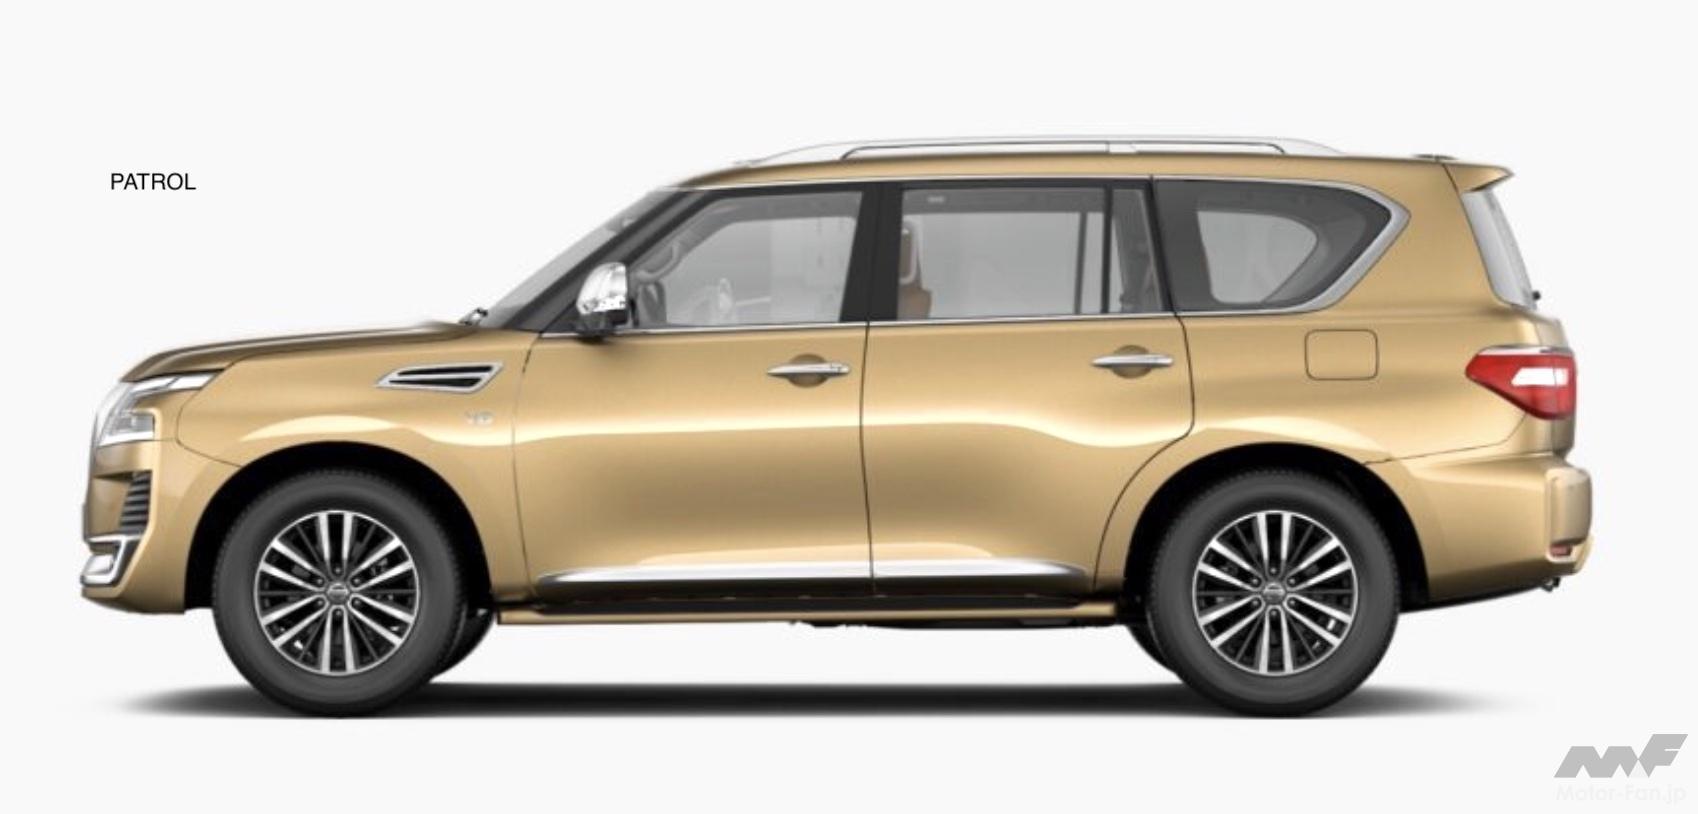 「日産SUV全14モデル マグナイト、キックス、エクストレイルから全長5.3m超のパトロールまで多彩な顔ぶれ」の7枚目の画像